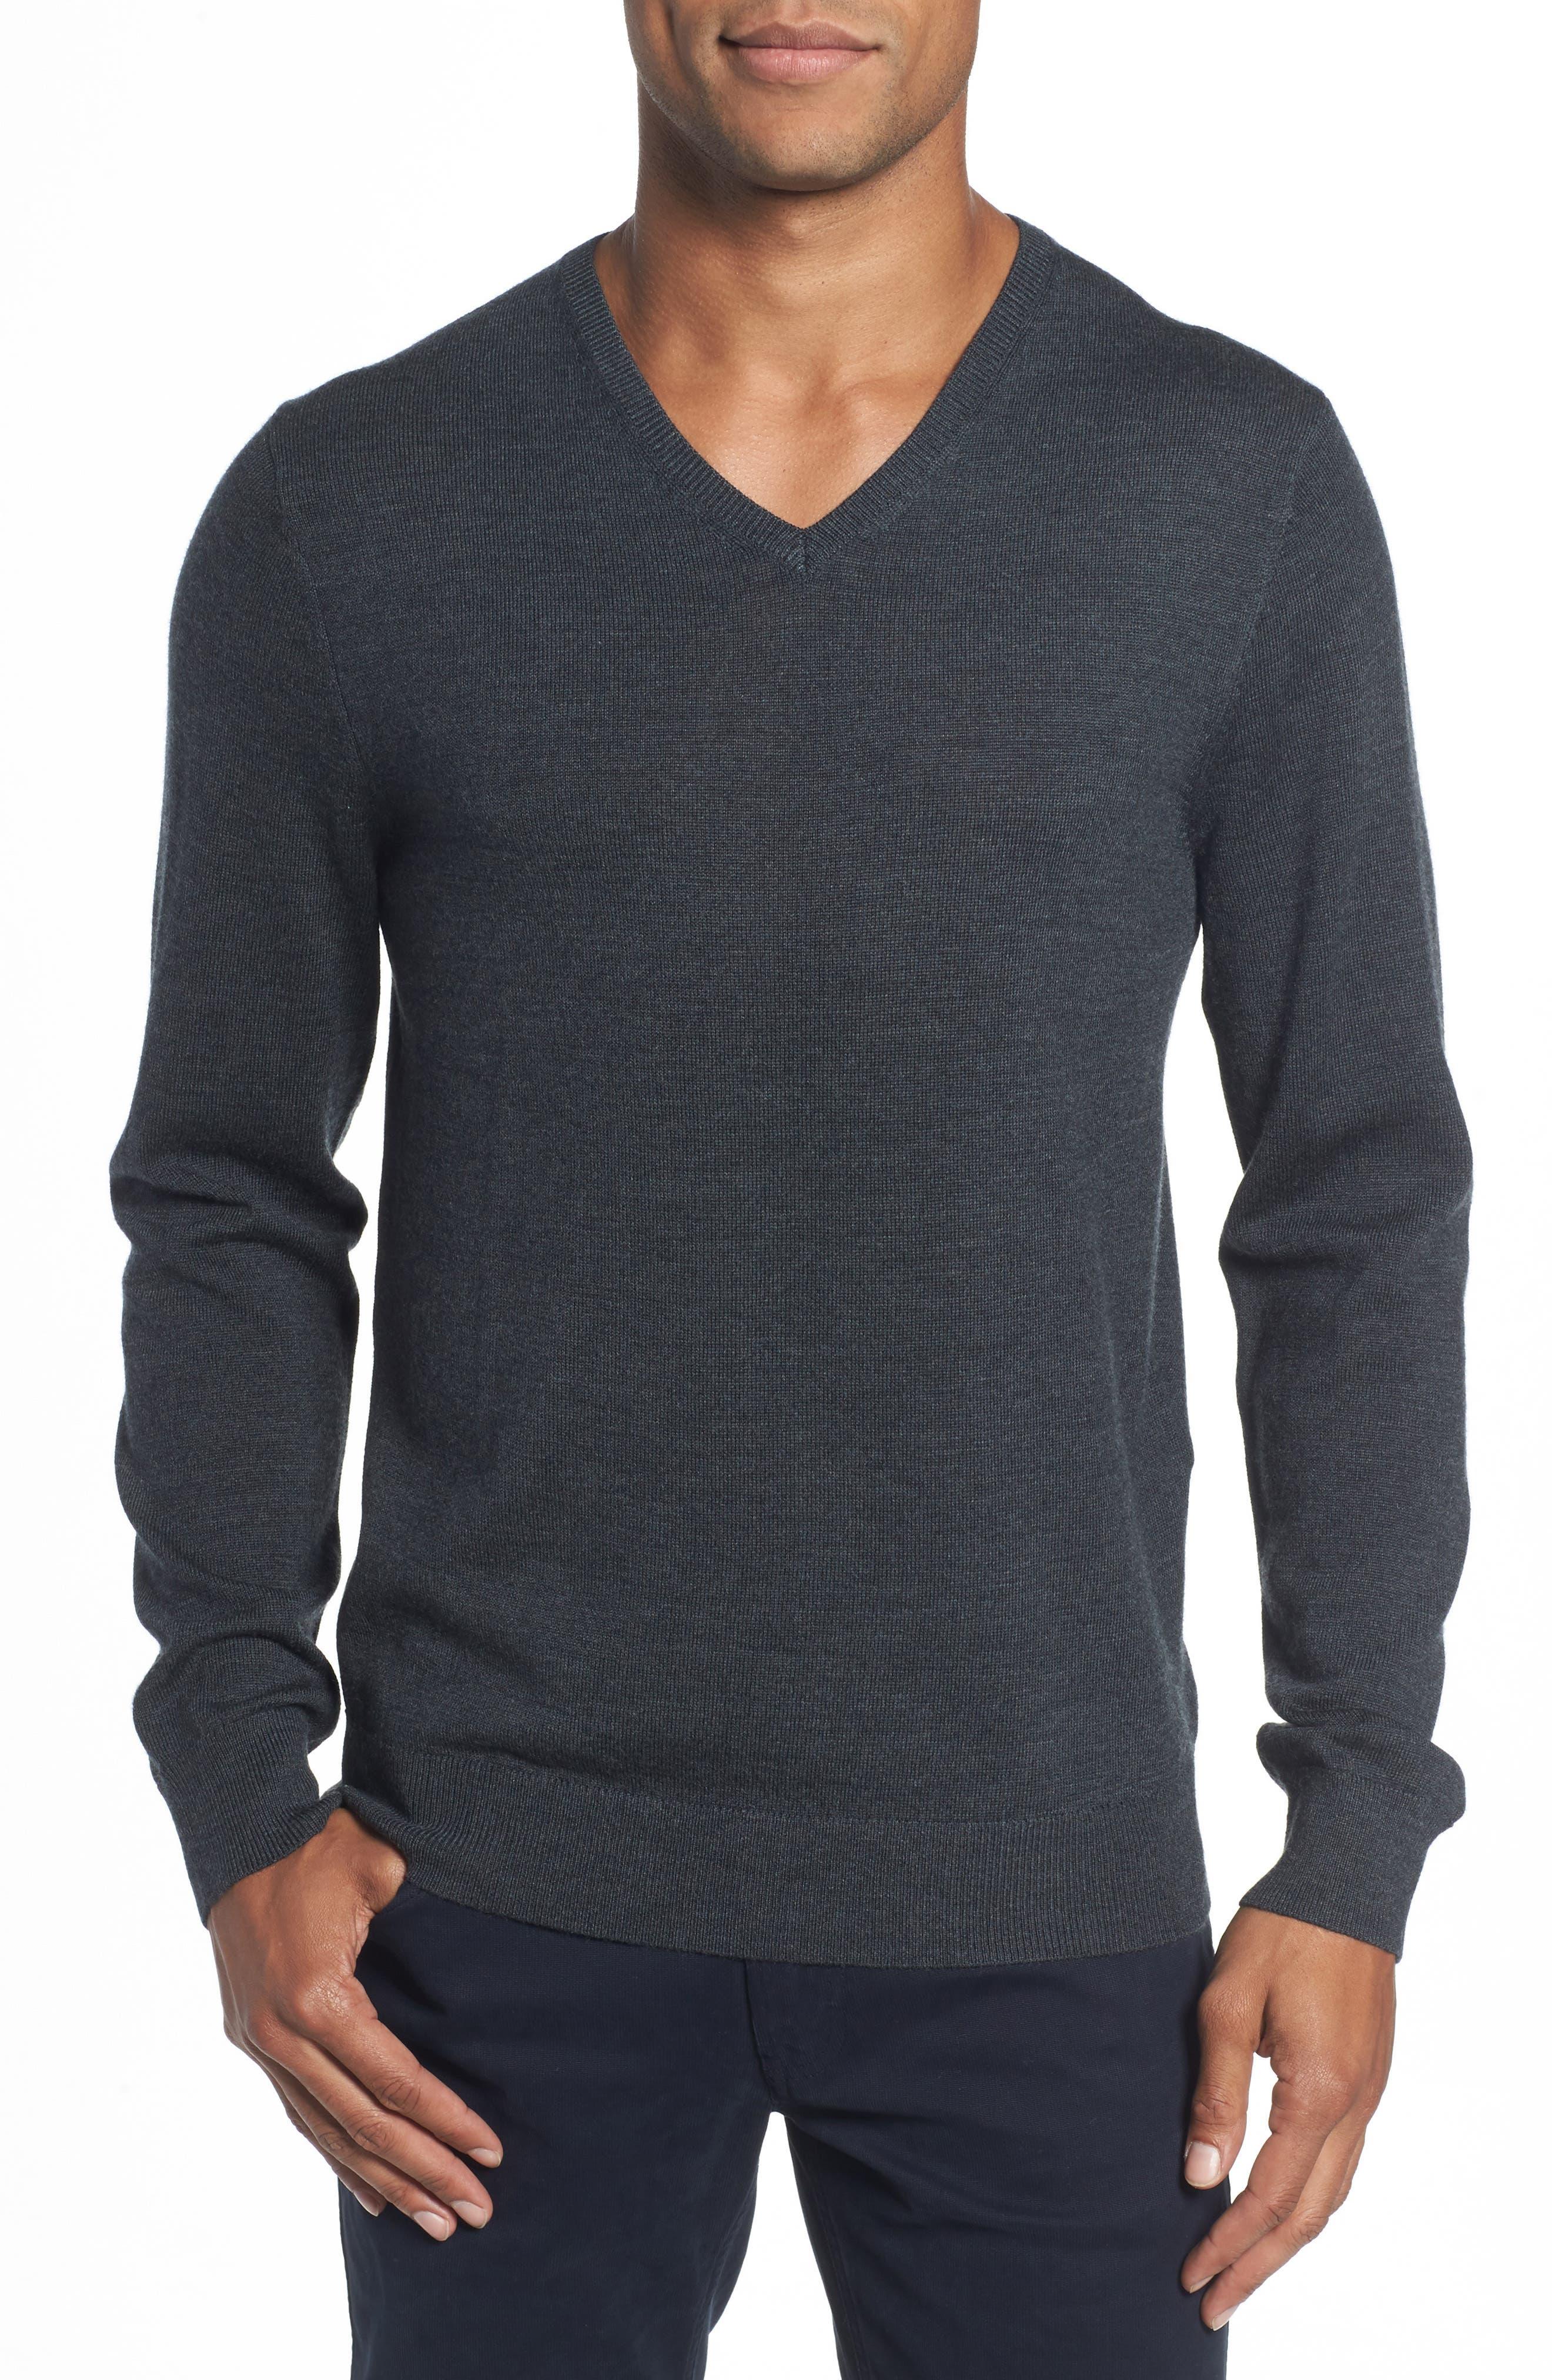 Alternate Image 1 Selected - Bonobos Merino V-Neck Sweater